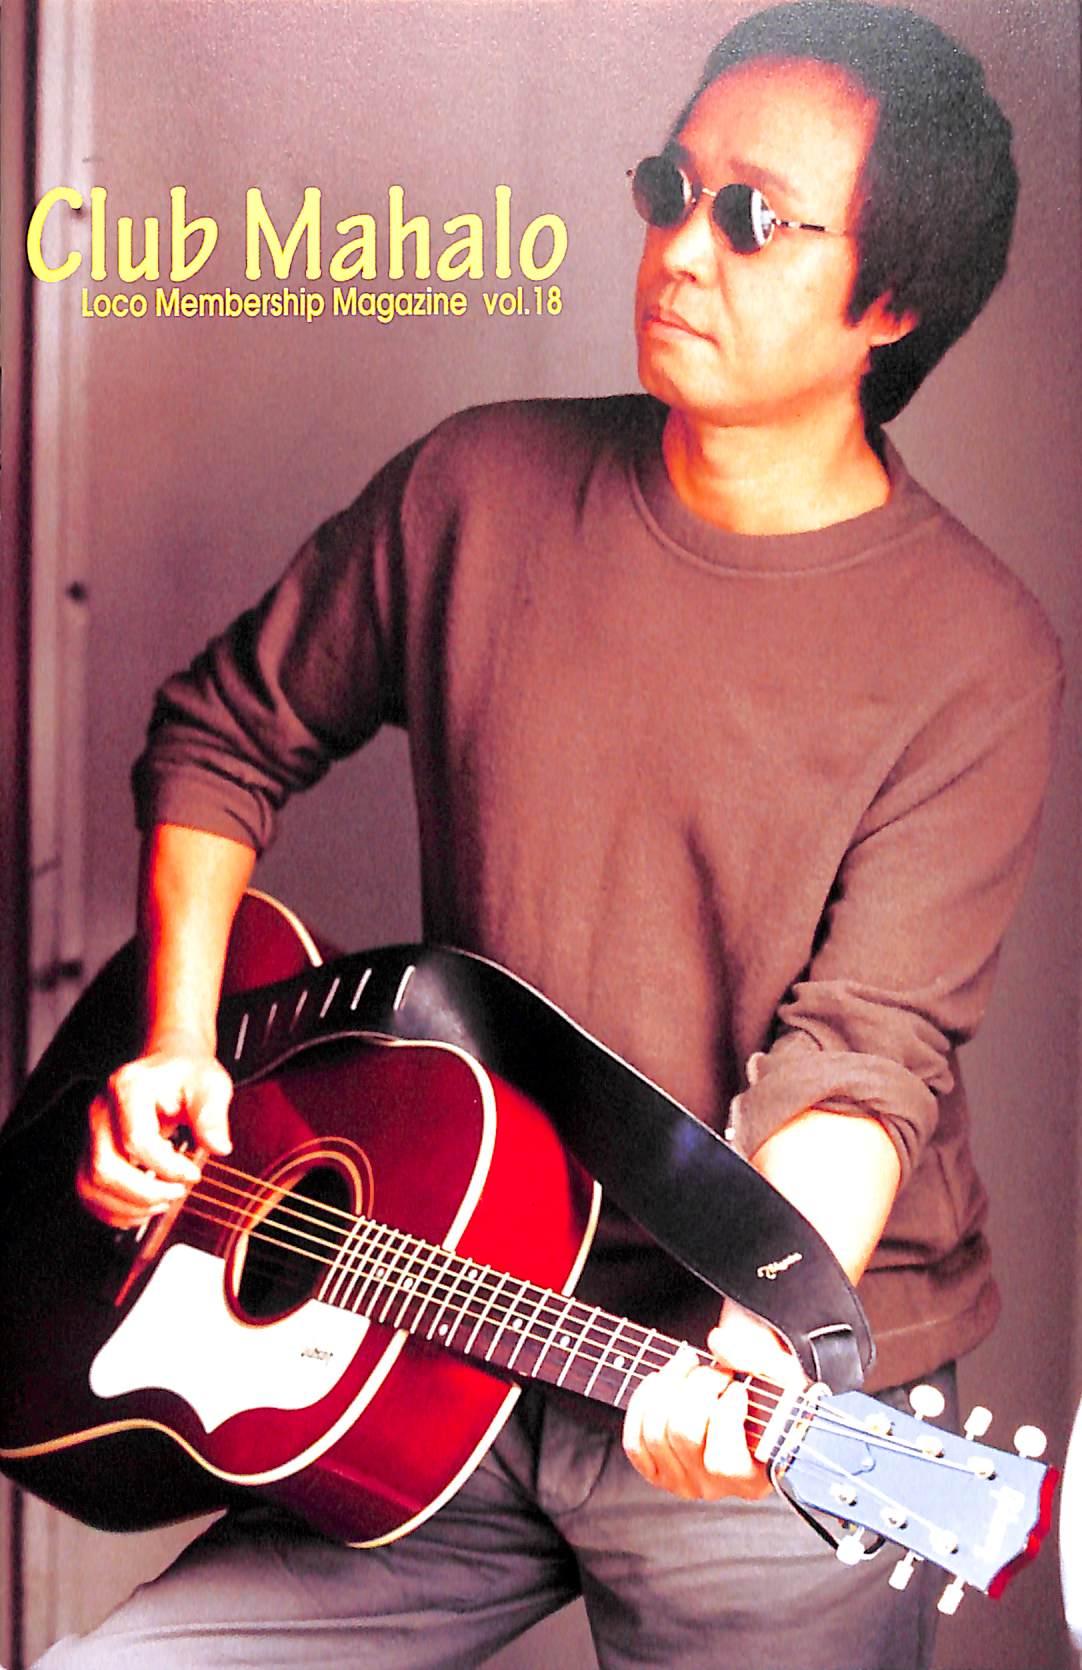 「吉田拓郎 よしだたくろう 特集 只今出品中 アジアの片隅 で レコード コピー ギター弾き語り FANCLUB会報 t co oqKjHMI815 t co nvaOOsEzTU」の画像検索結果